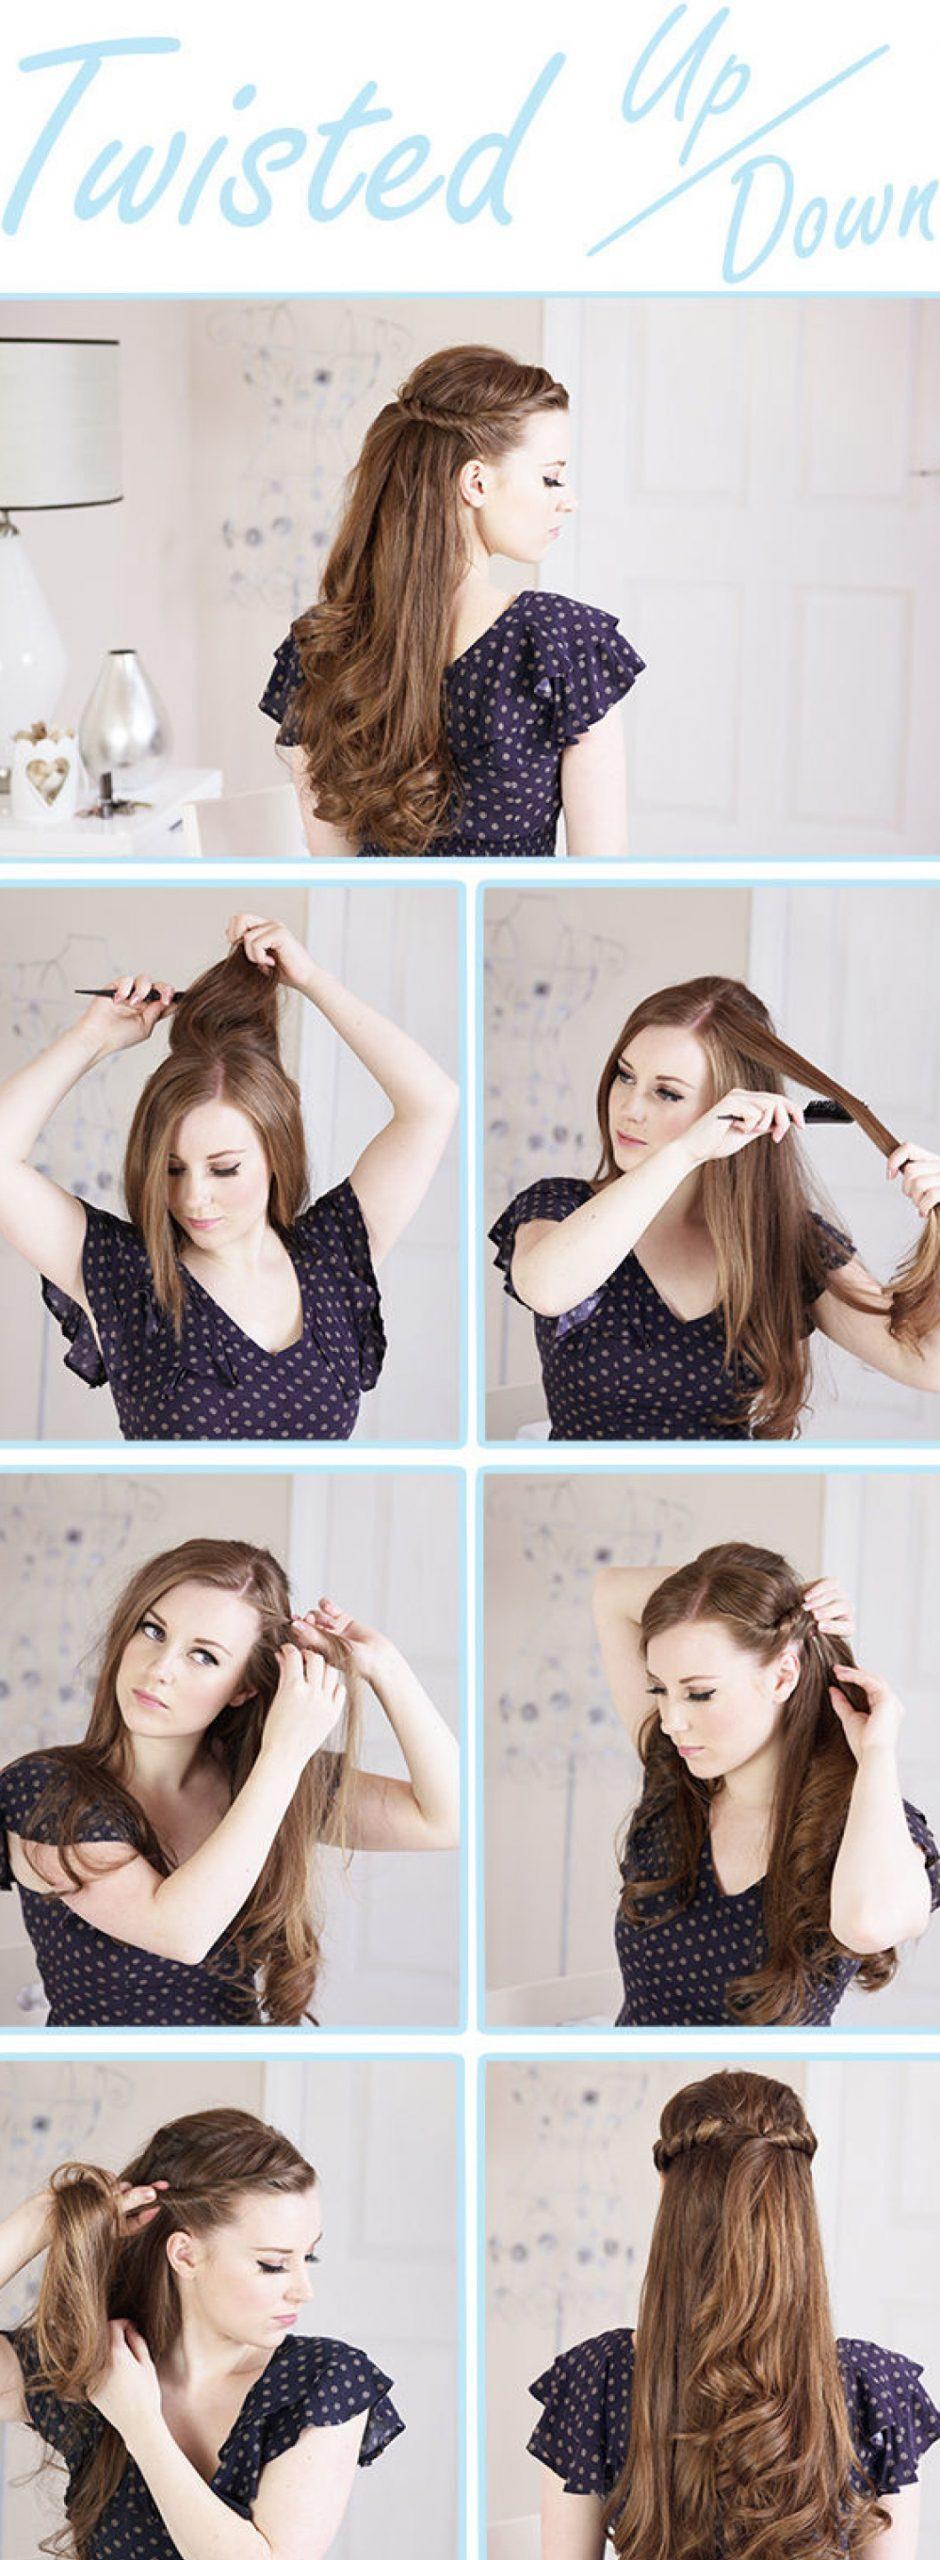 Χτένισμα στα μαλλιά μισά πάνω μισά κάτω για την Πρωτοχρονιά